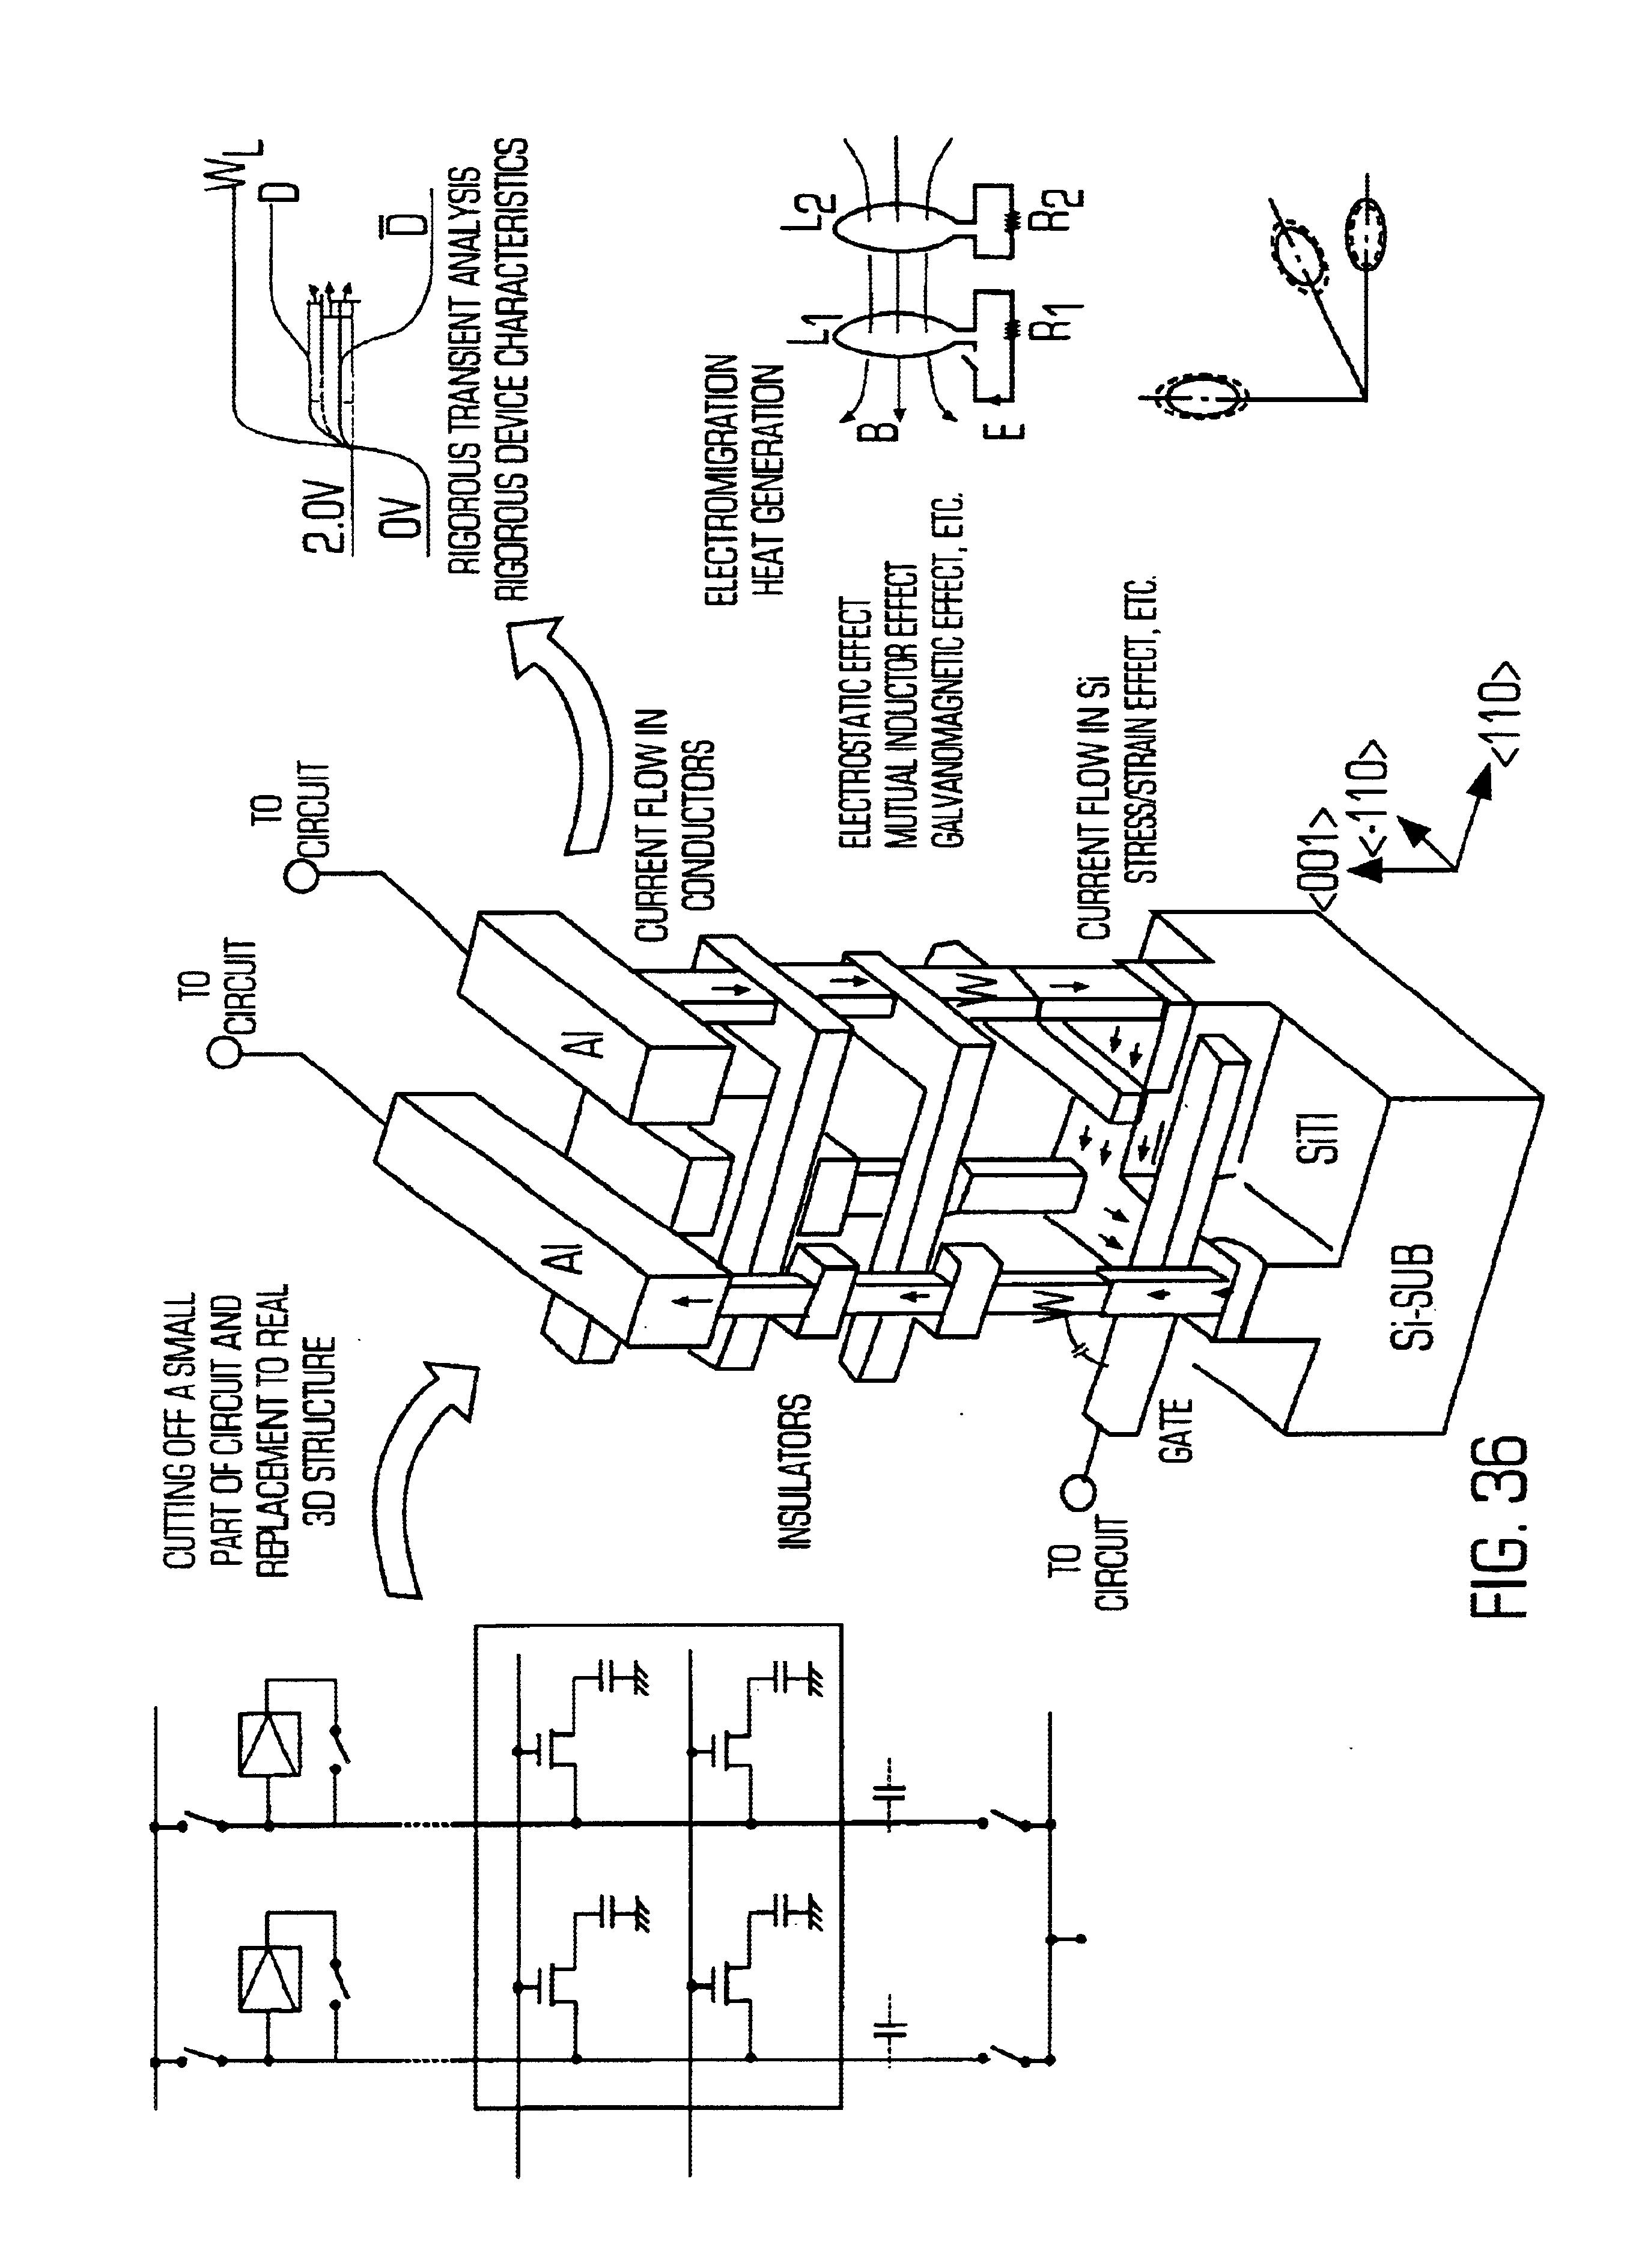 brevetto us6826517